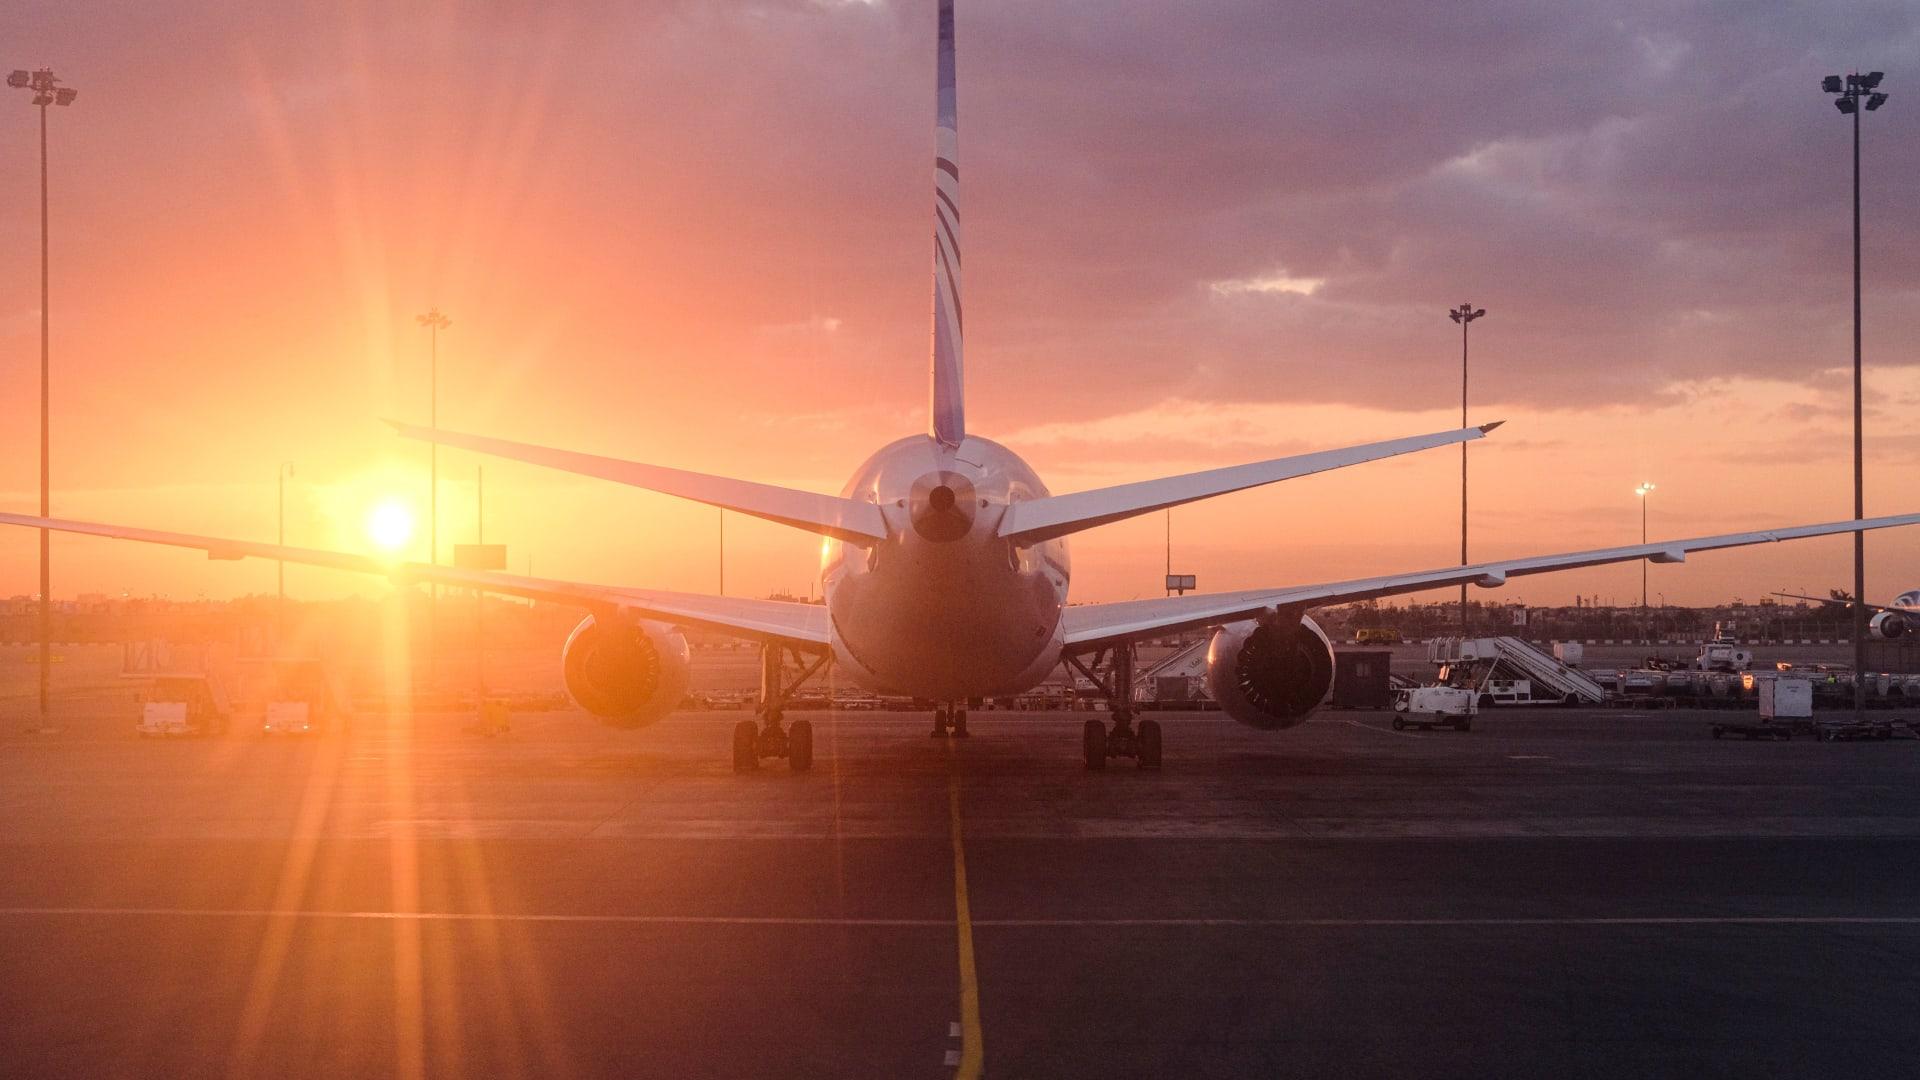 بعد بدء انتعاش السفر.. هذه كانت المسارات الجوية الأكثر ازدحاماً بين الدول العربية الشهر الماضي